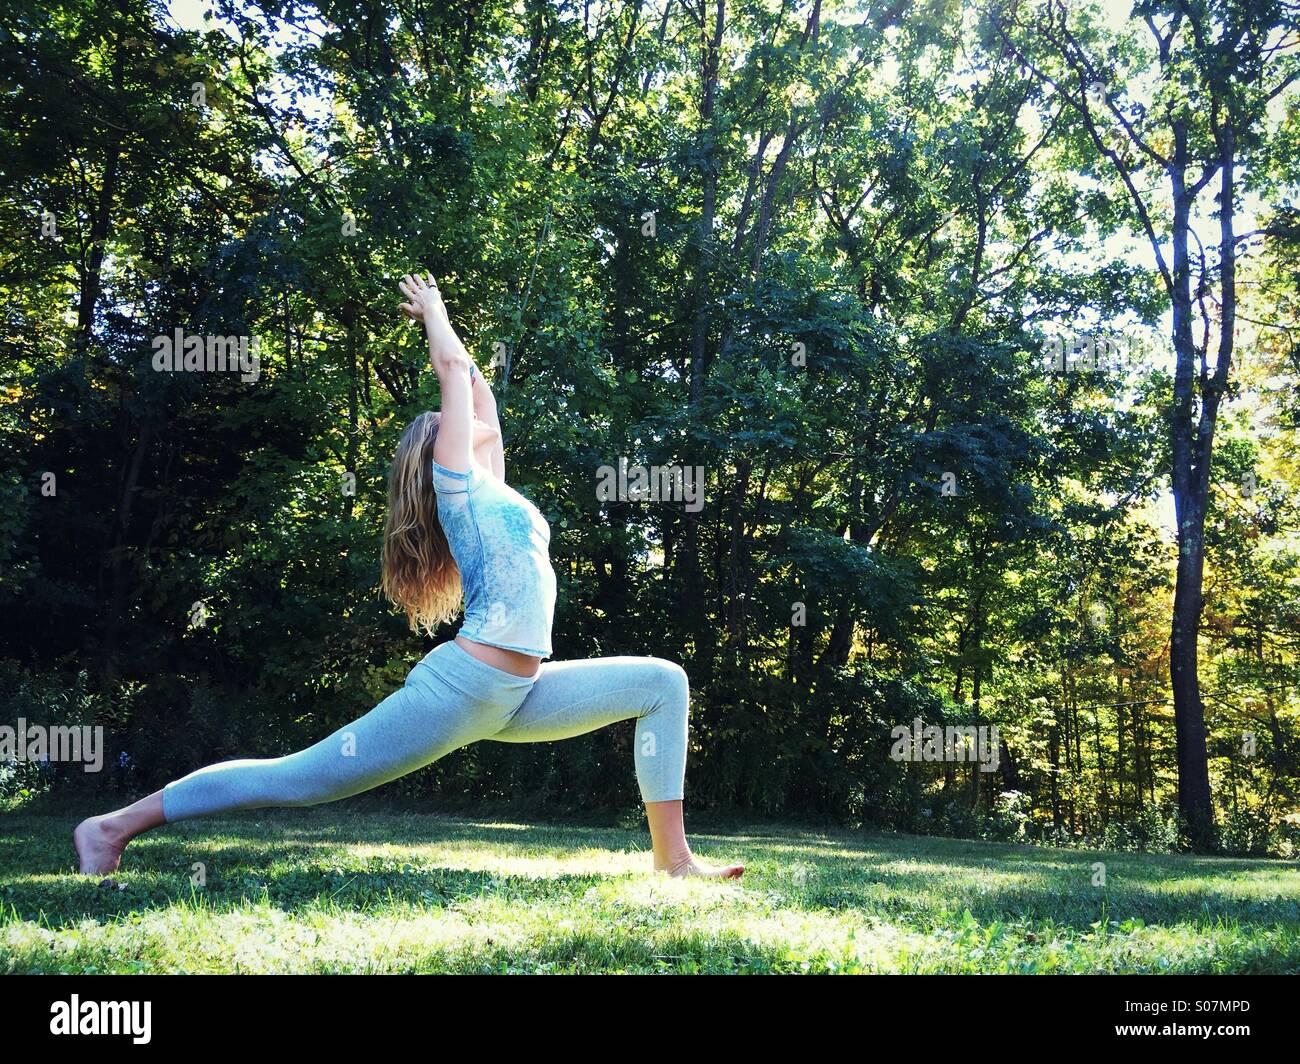 Une femme faisant du yoga à l'extérieur dans l'herbe entouré par la nature. Banque D'Images